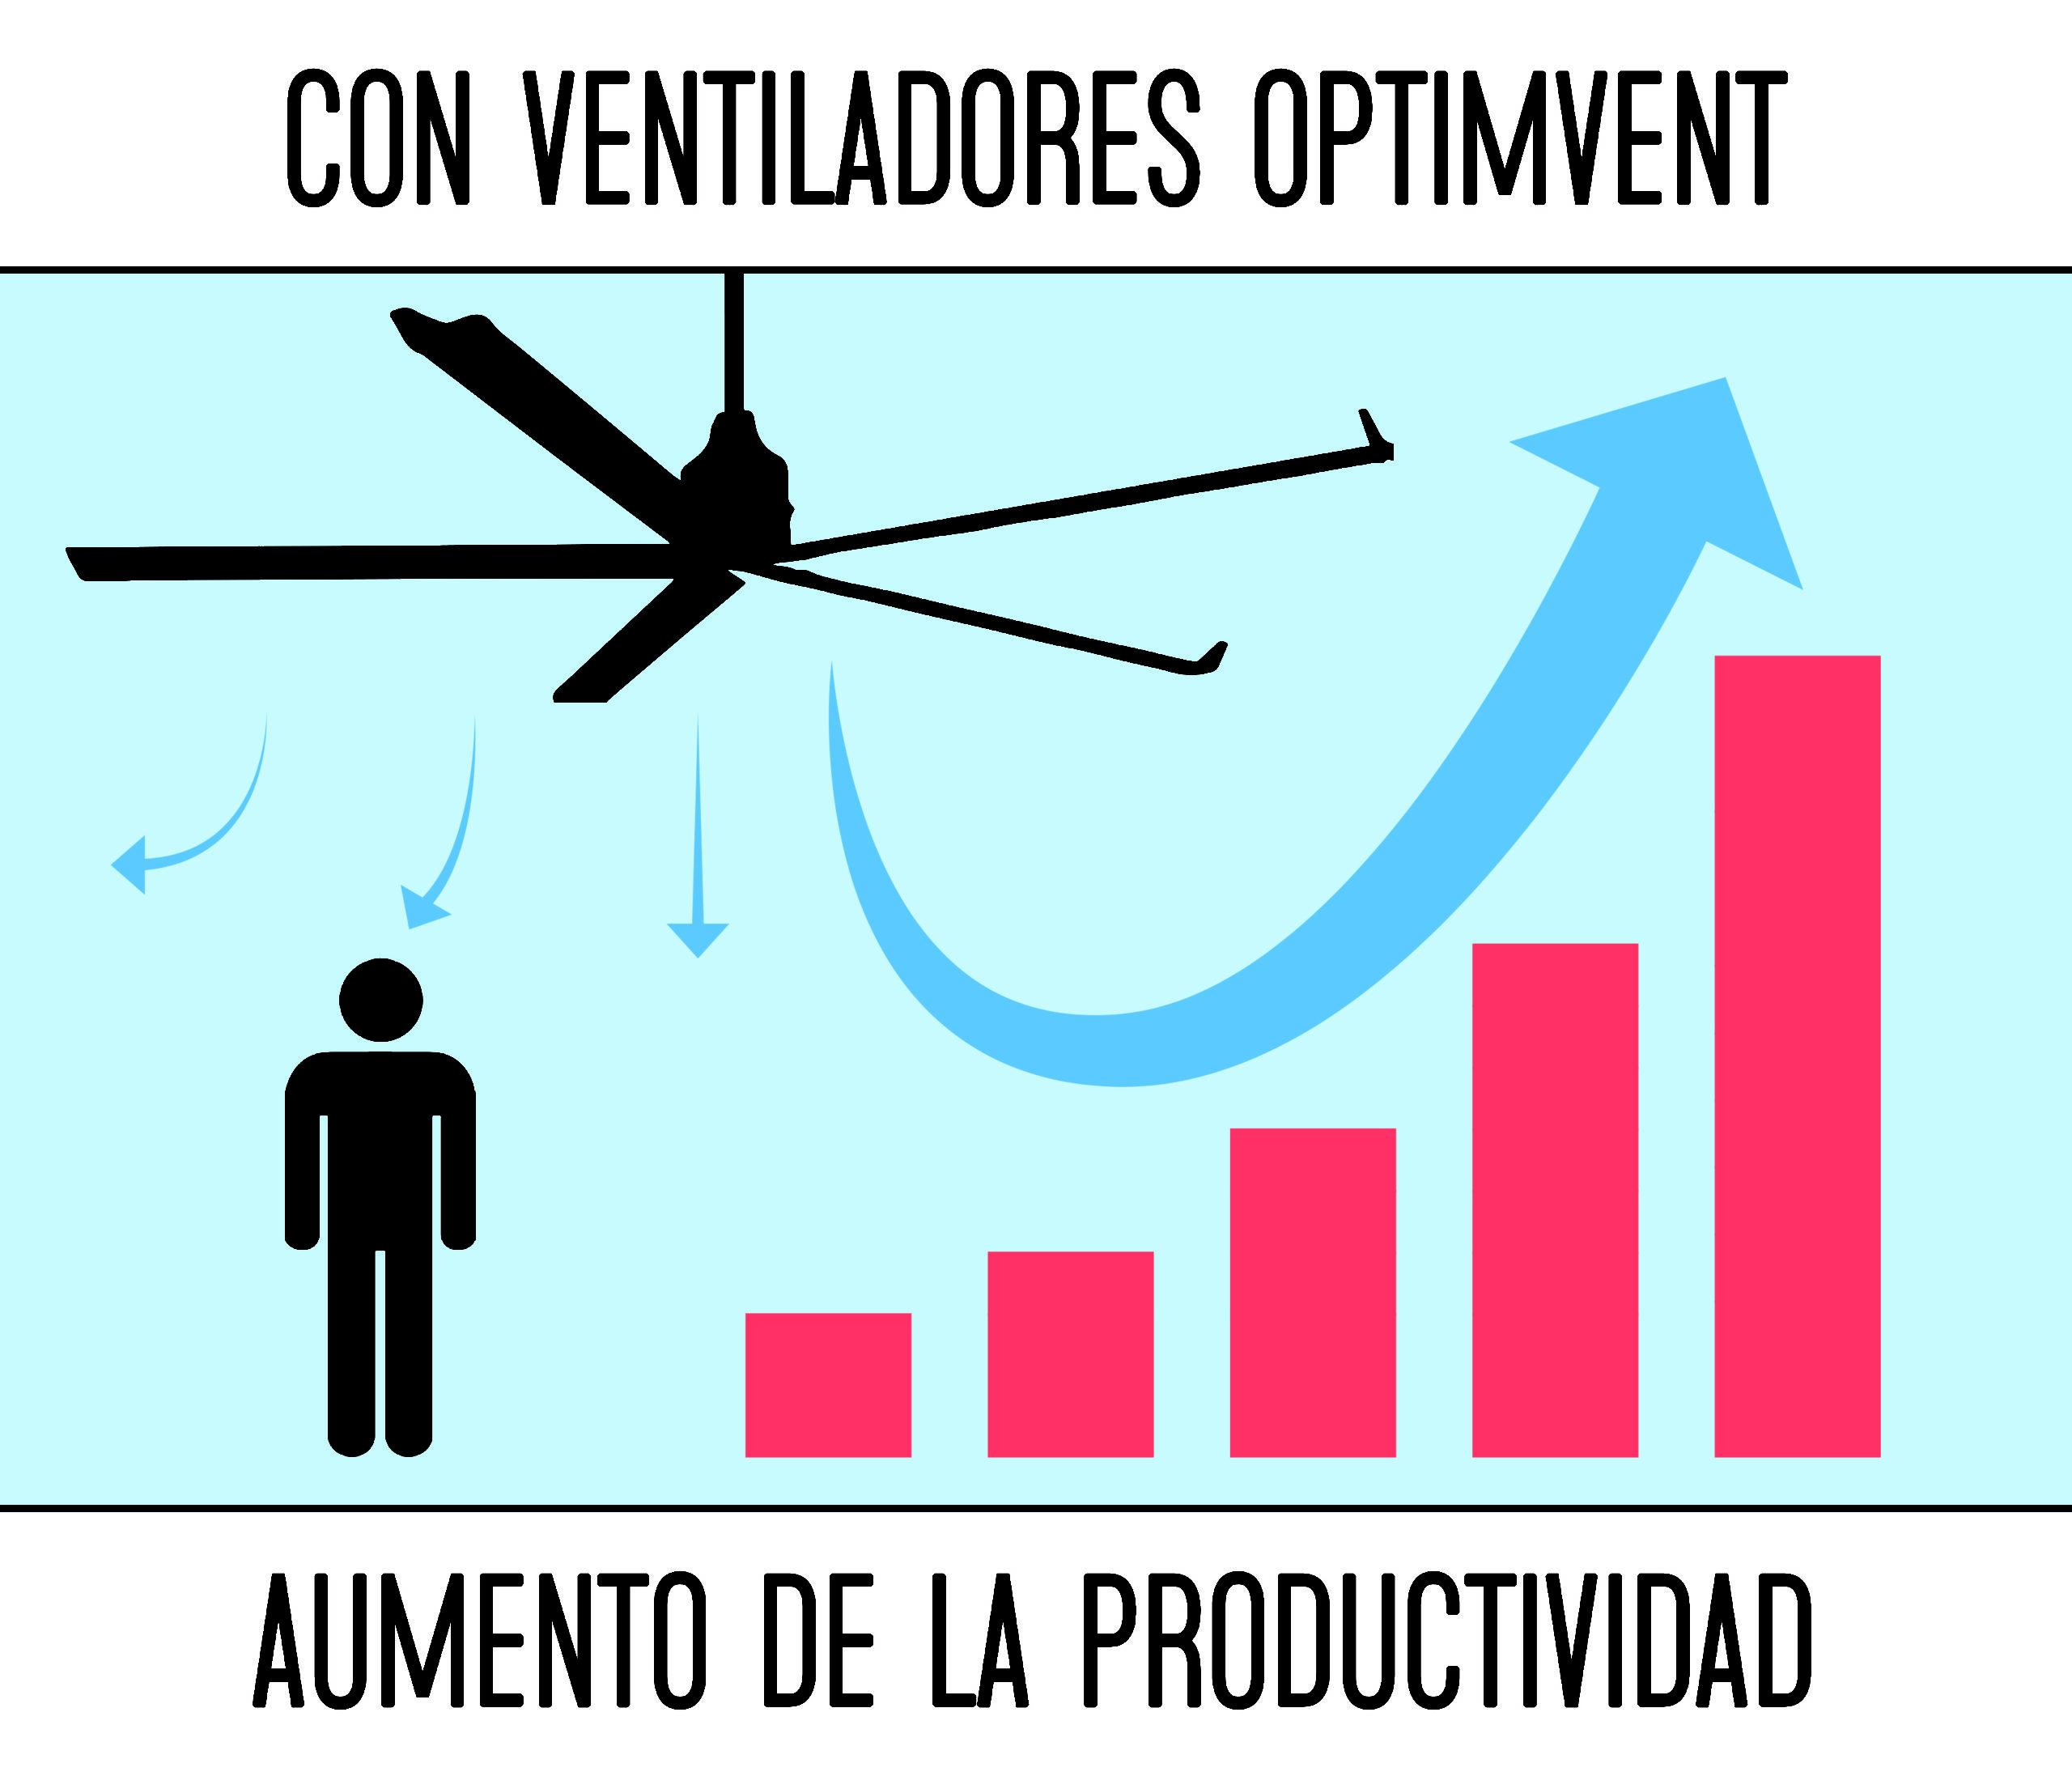 Ventiladores HVLS - Ventiladores HVLS Optimvent - infografía 8 scaled - Ventiladores HVLS